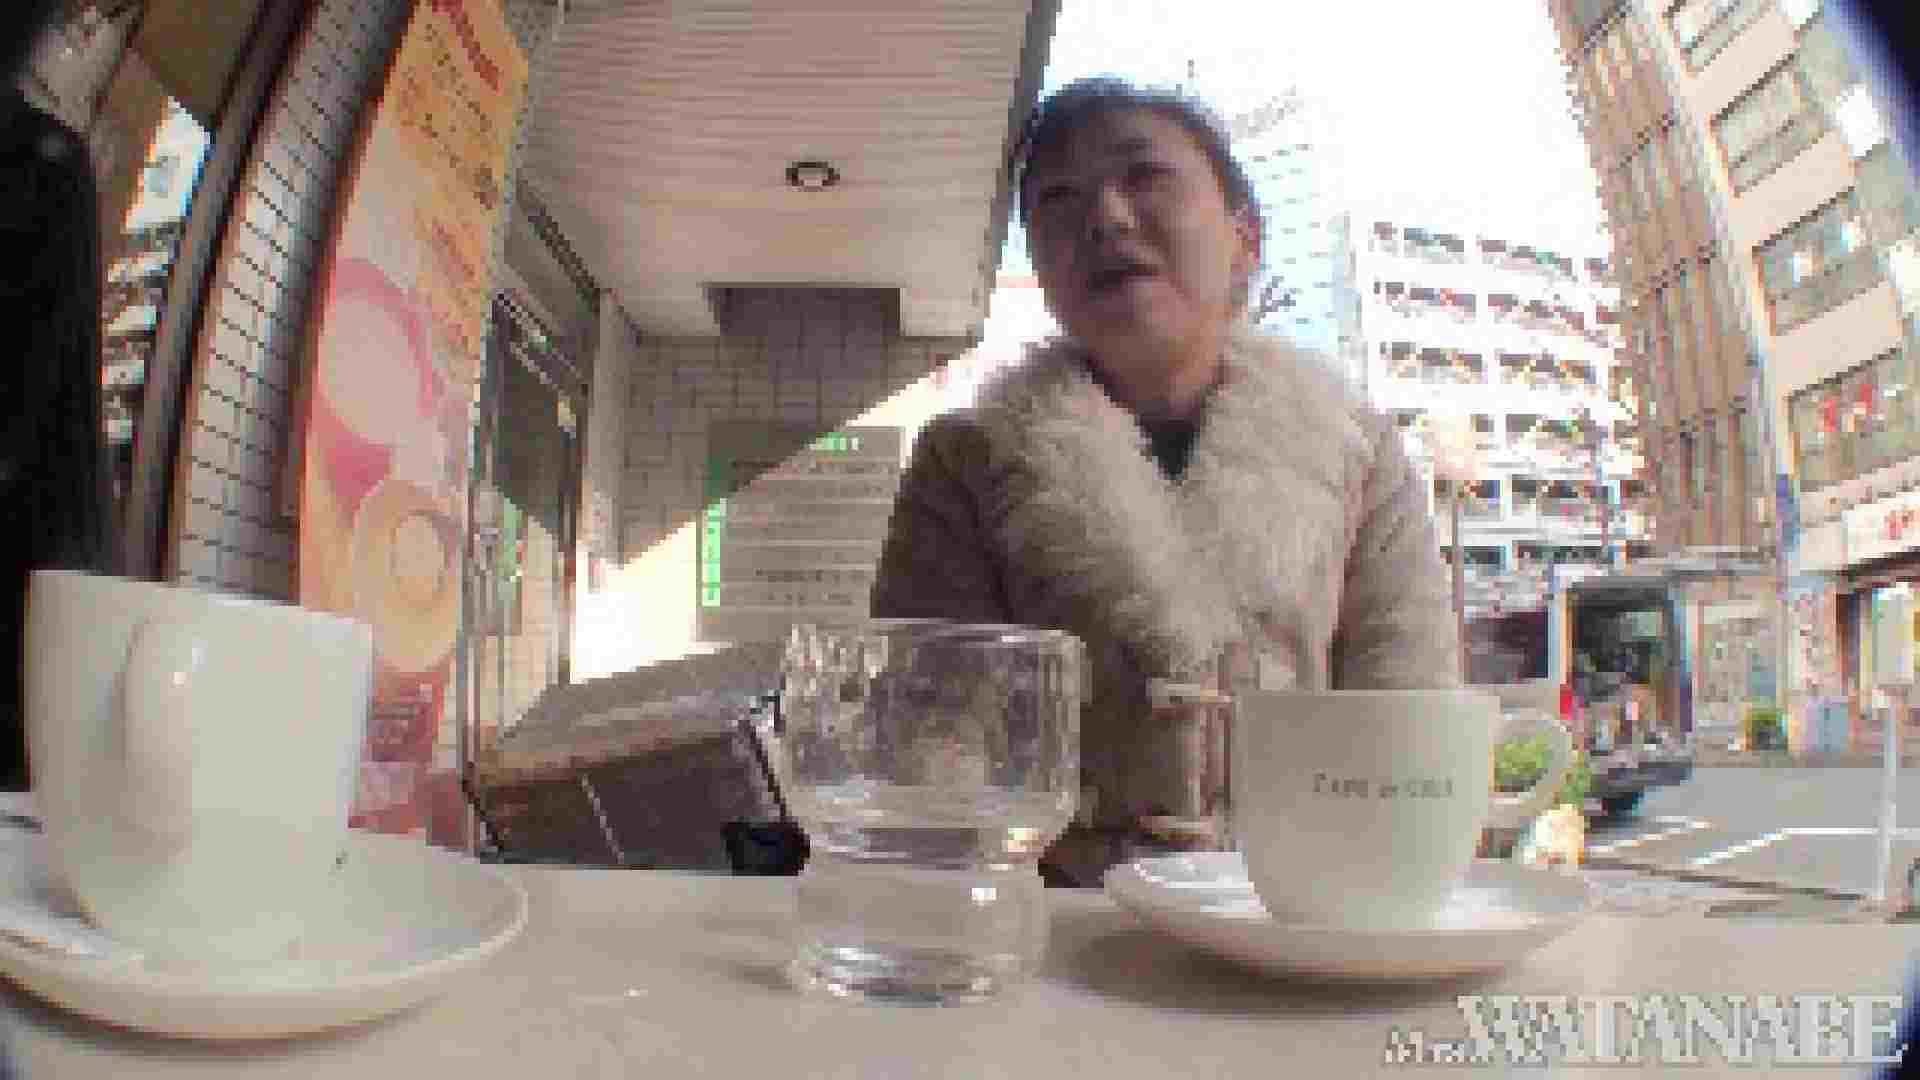 撮影スタッフを誘惑する痴熟女 かおり40歳 Vol.01 素人丸裸 戯れ無修正画像 105pic 17